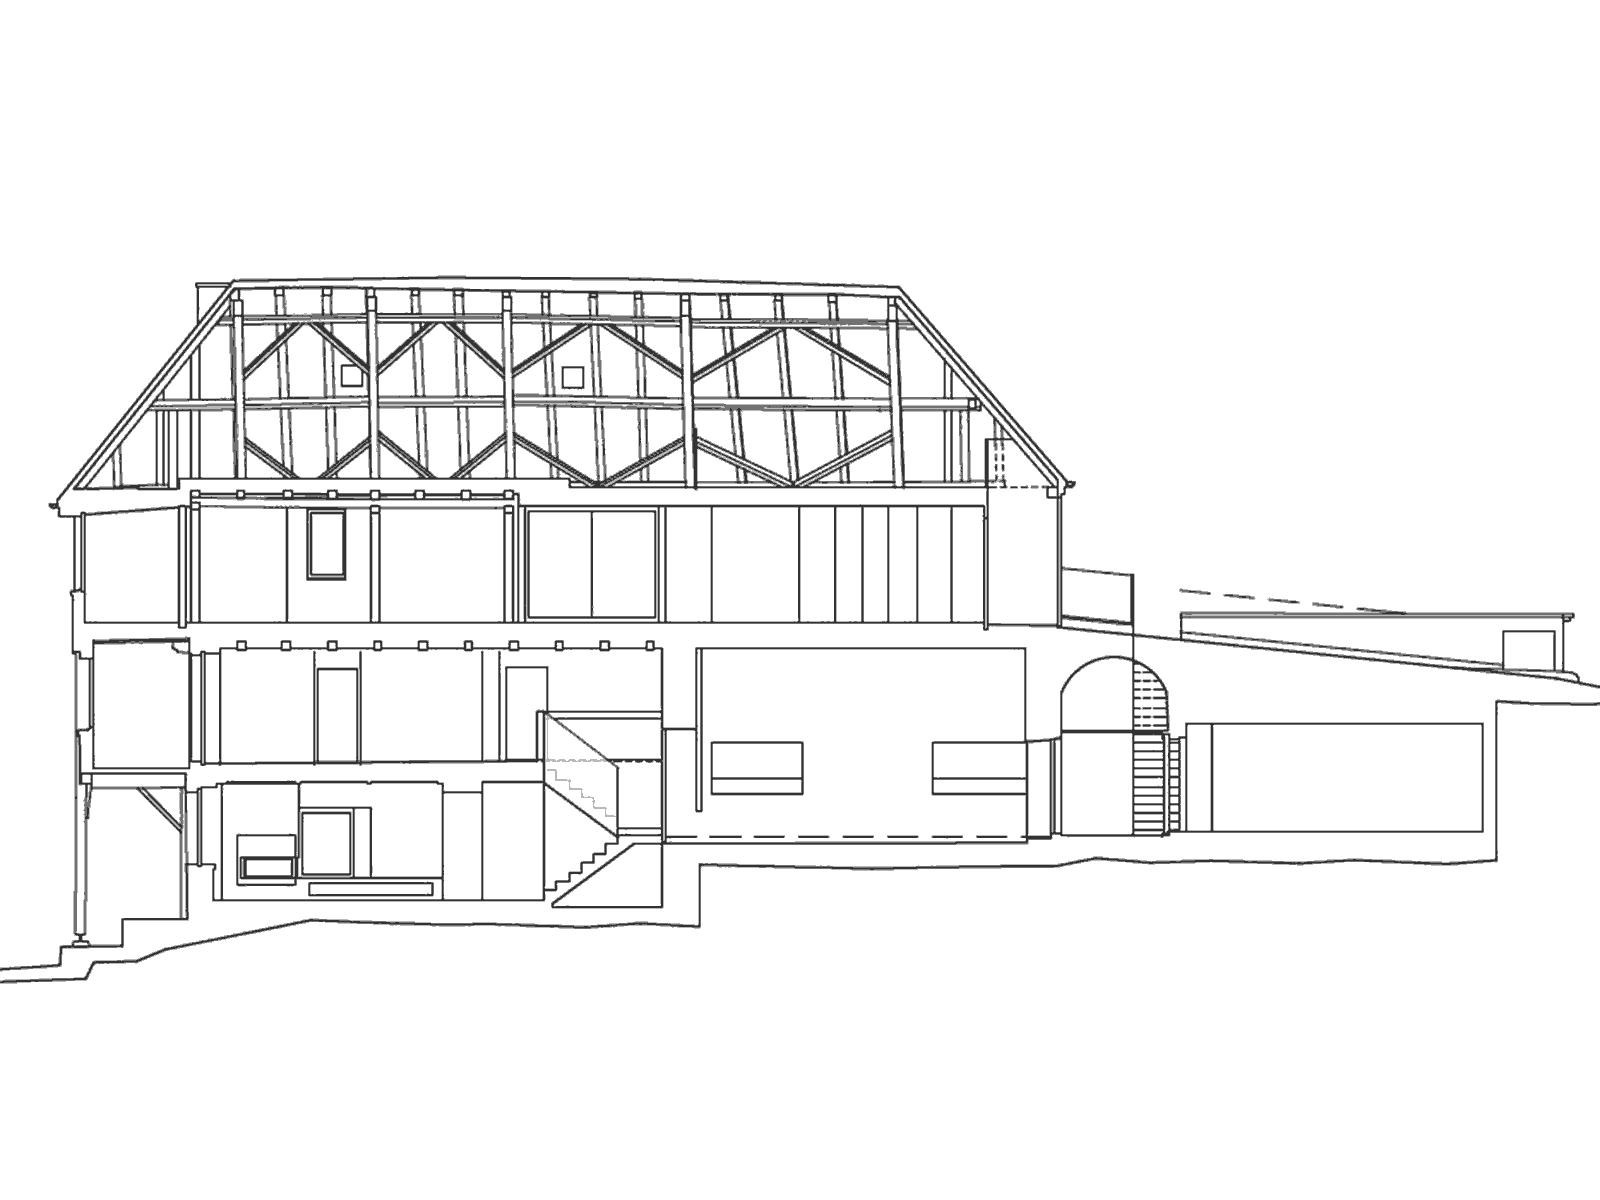 Längsschnitt Umbau und Sanierung ehemaliges Bauernhaus Maison Blanche Evilard